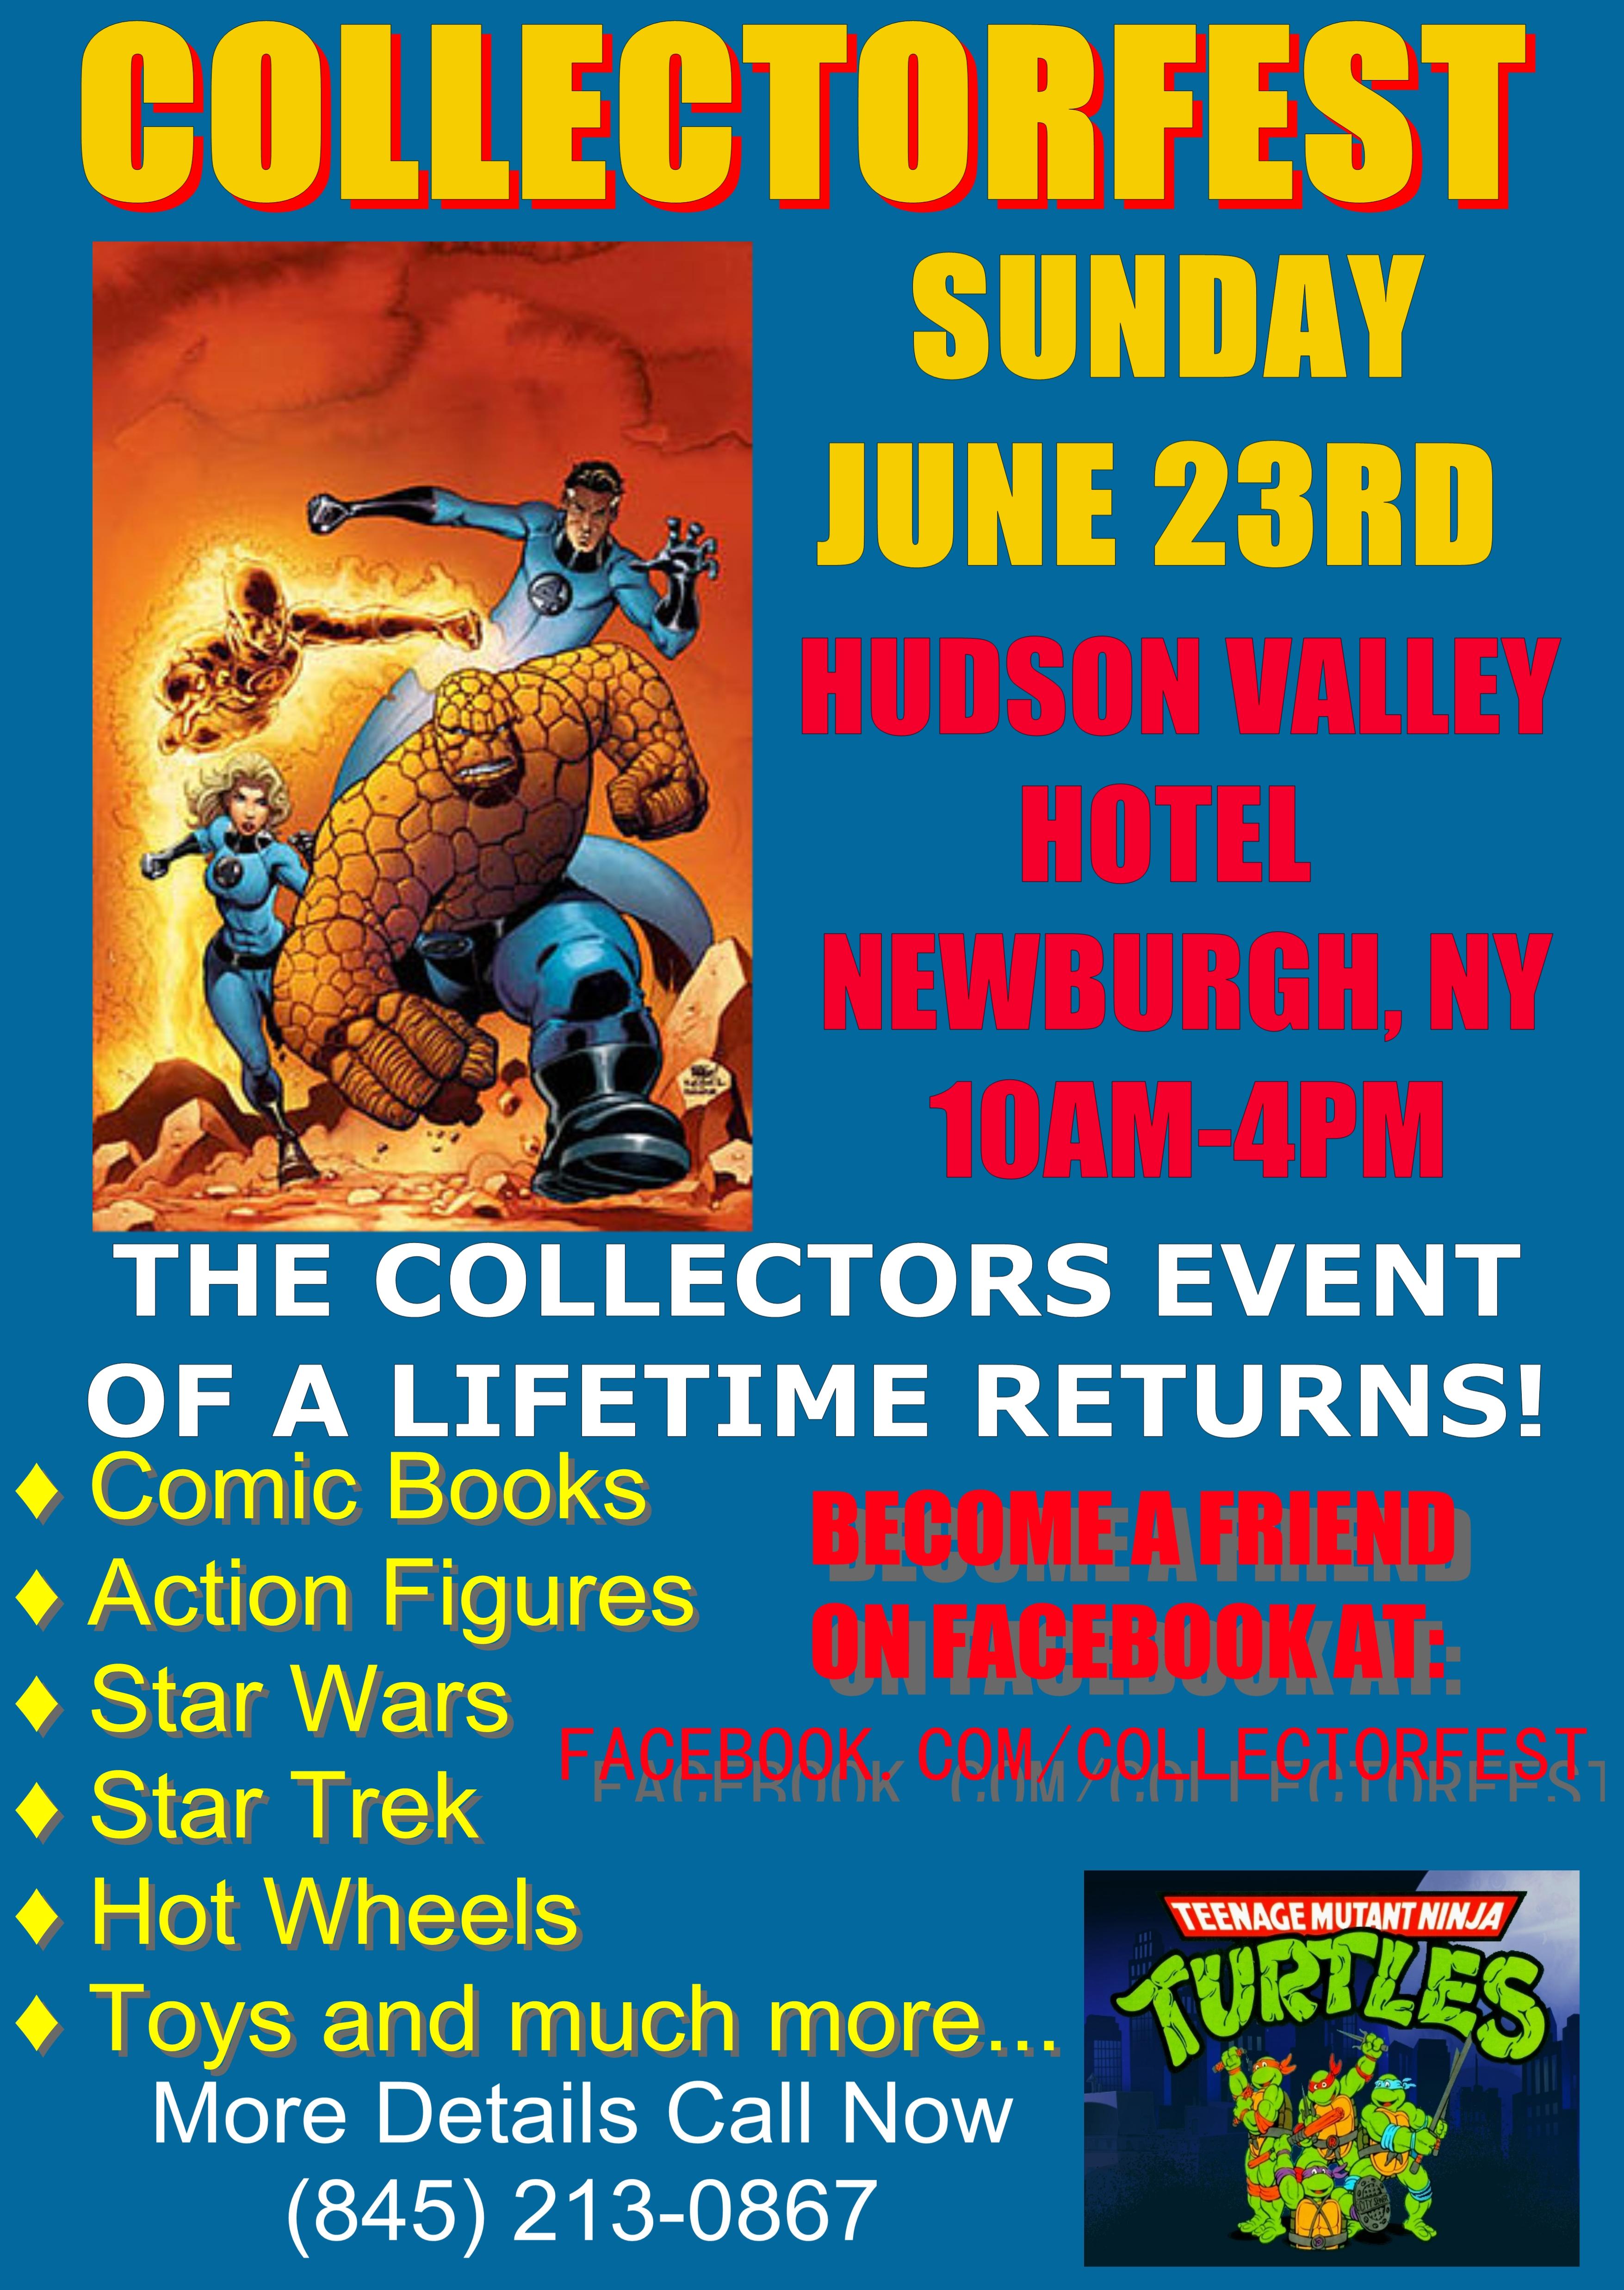 Collectorfest June 2013